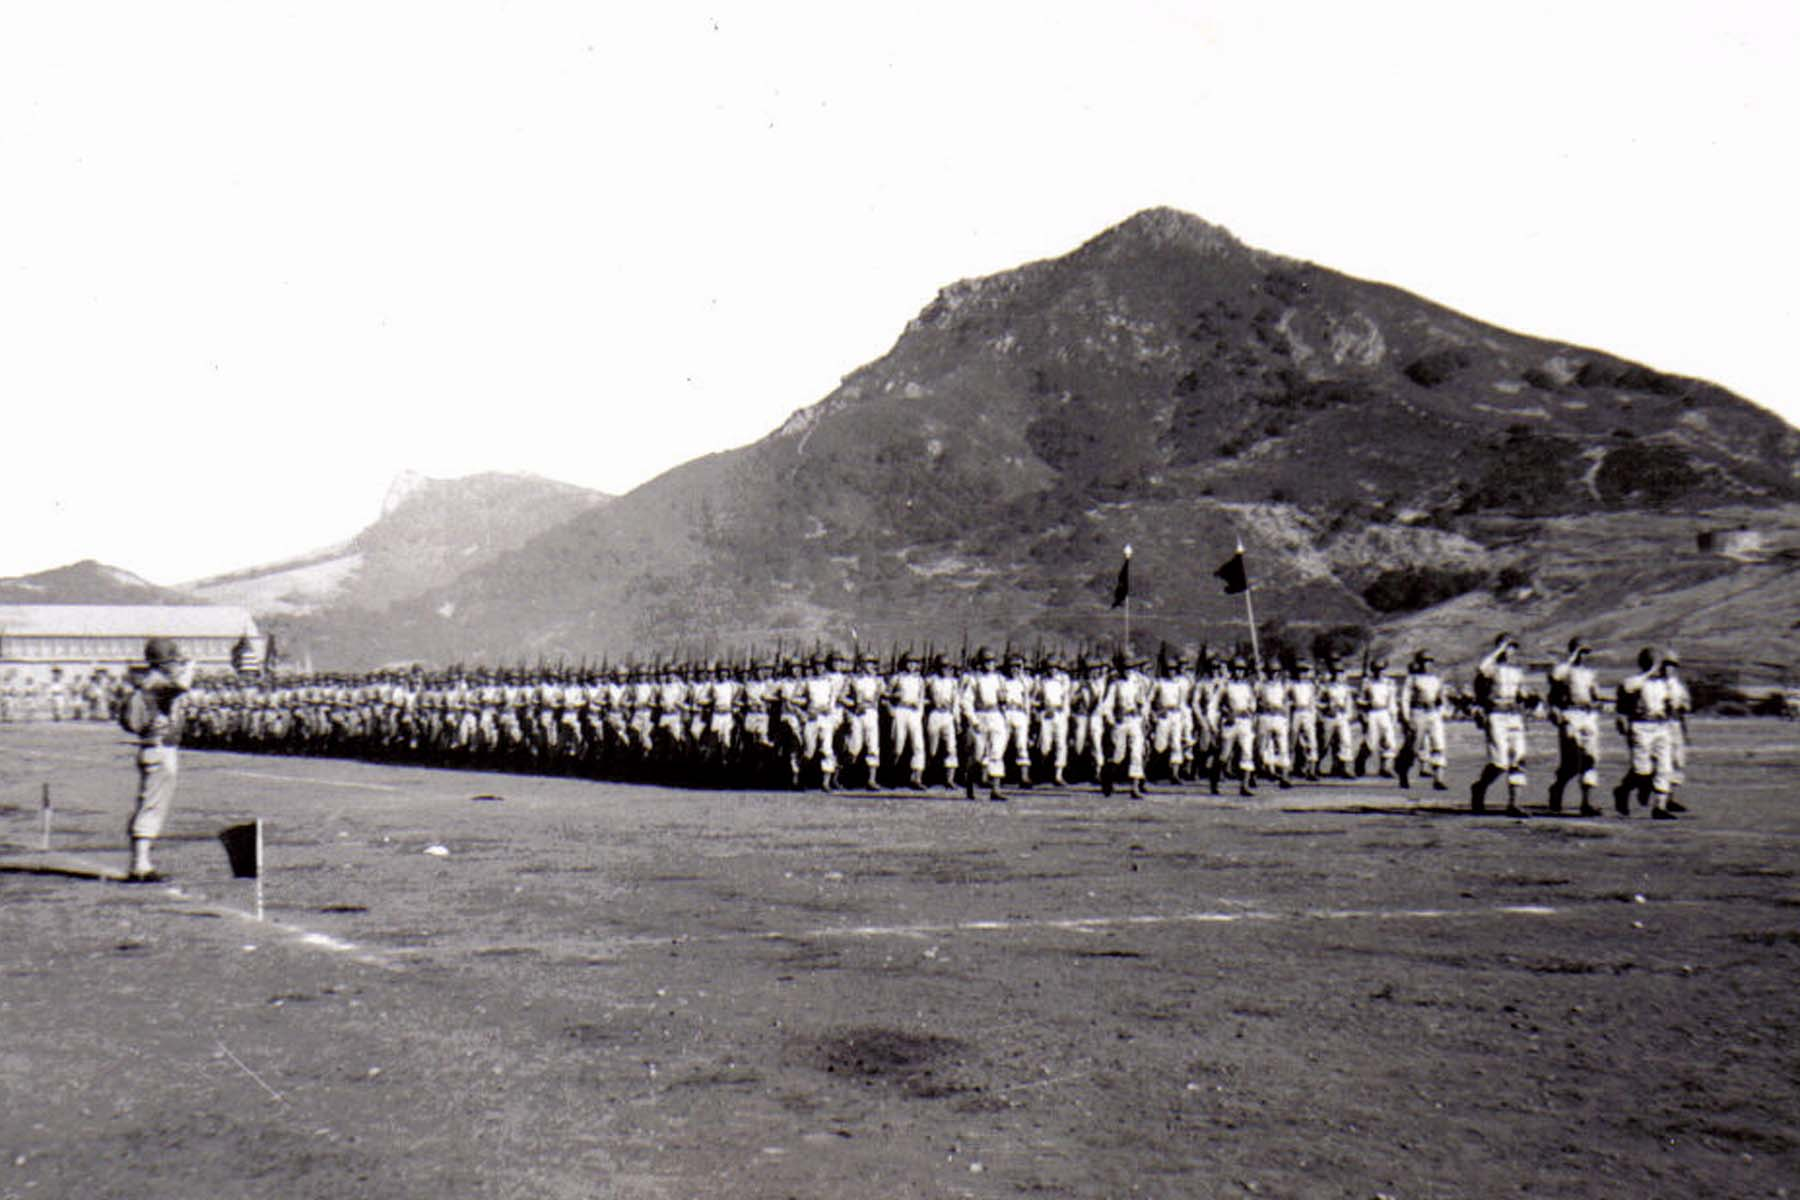 C28 Camp San Luis Obispo - August 2_ 1943 parade - The Second Battalion _presents arms_